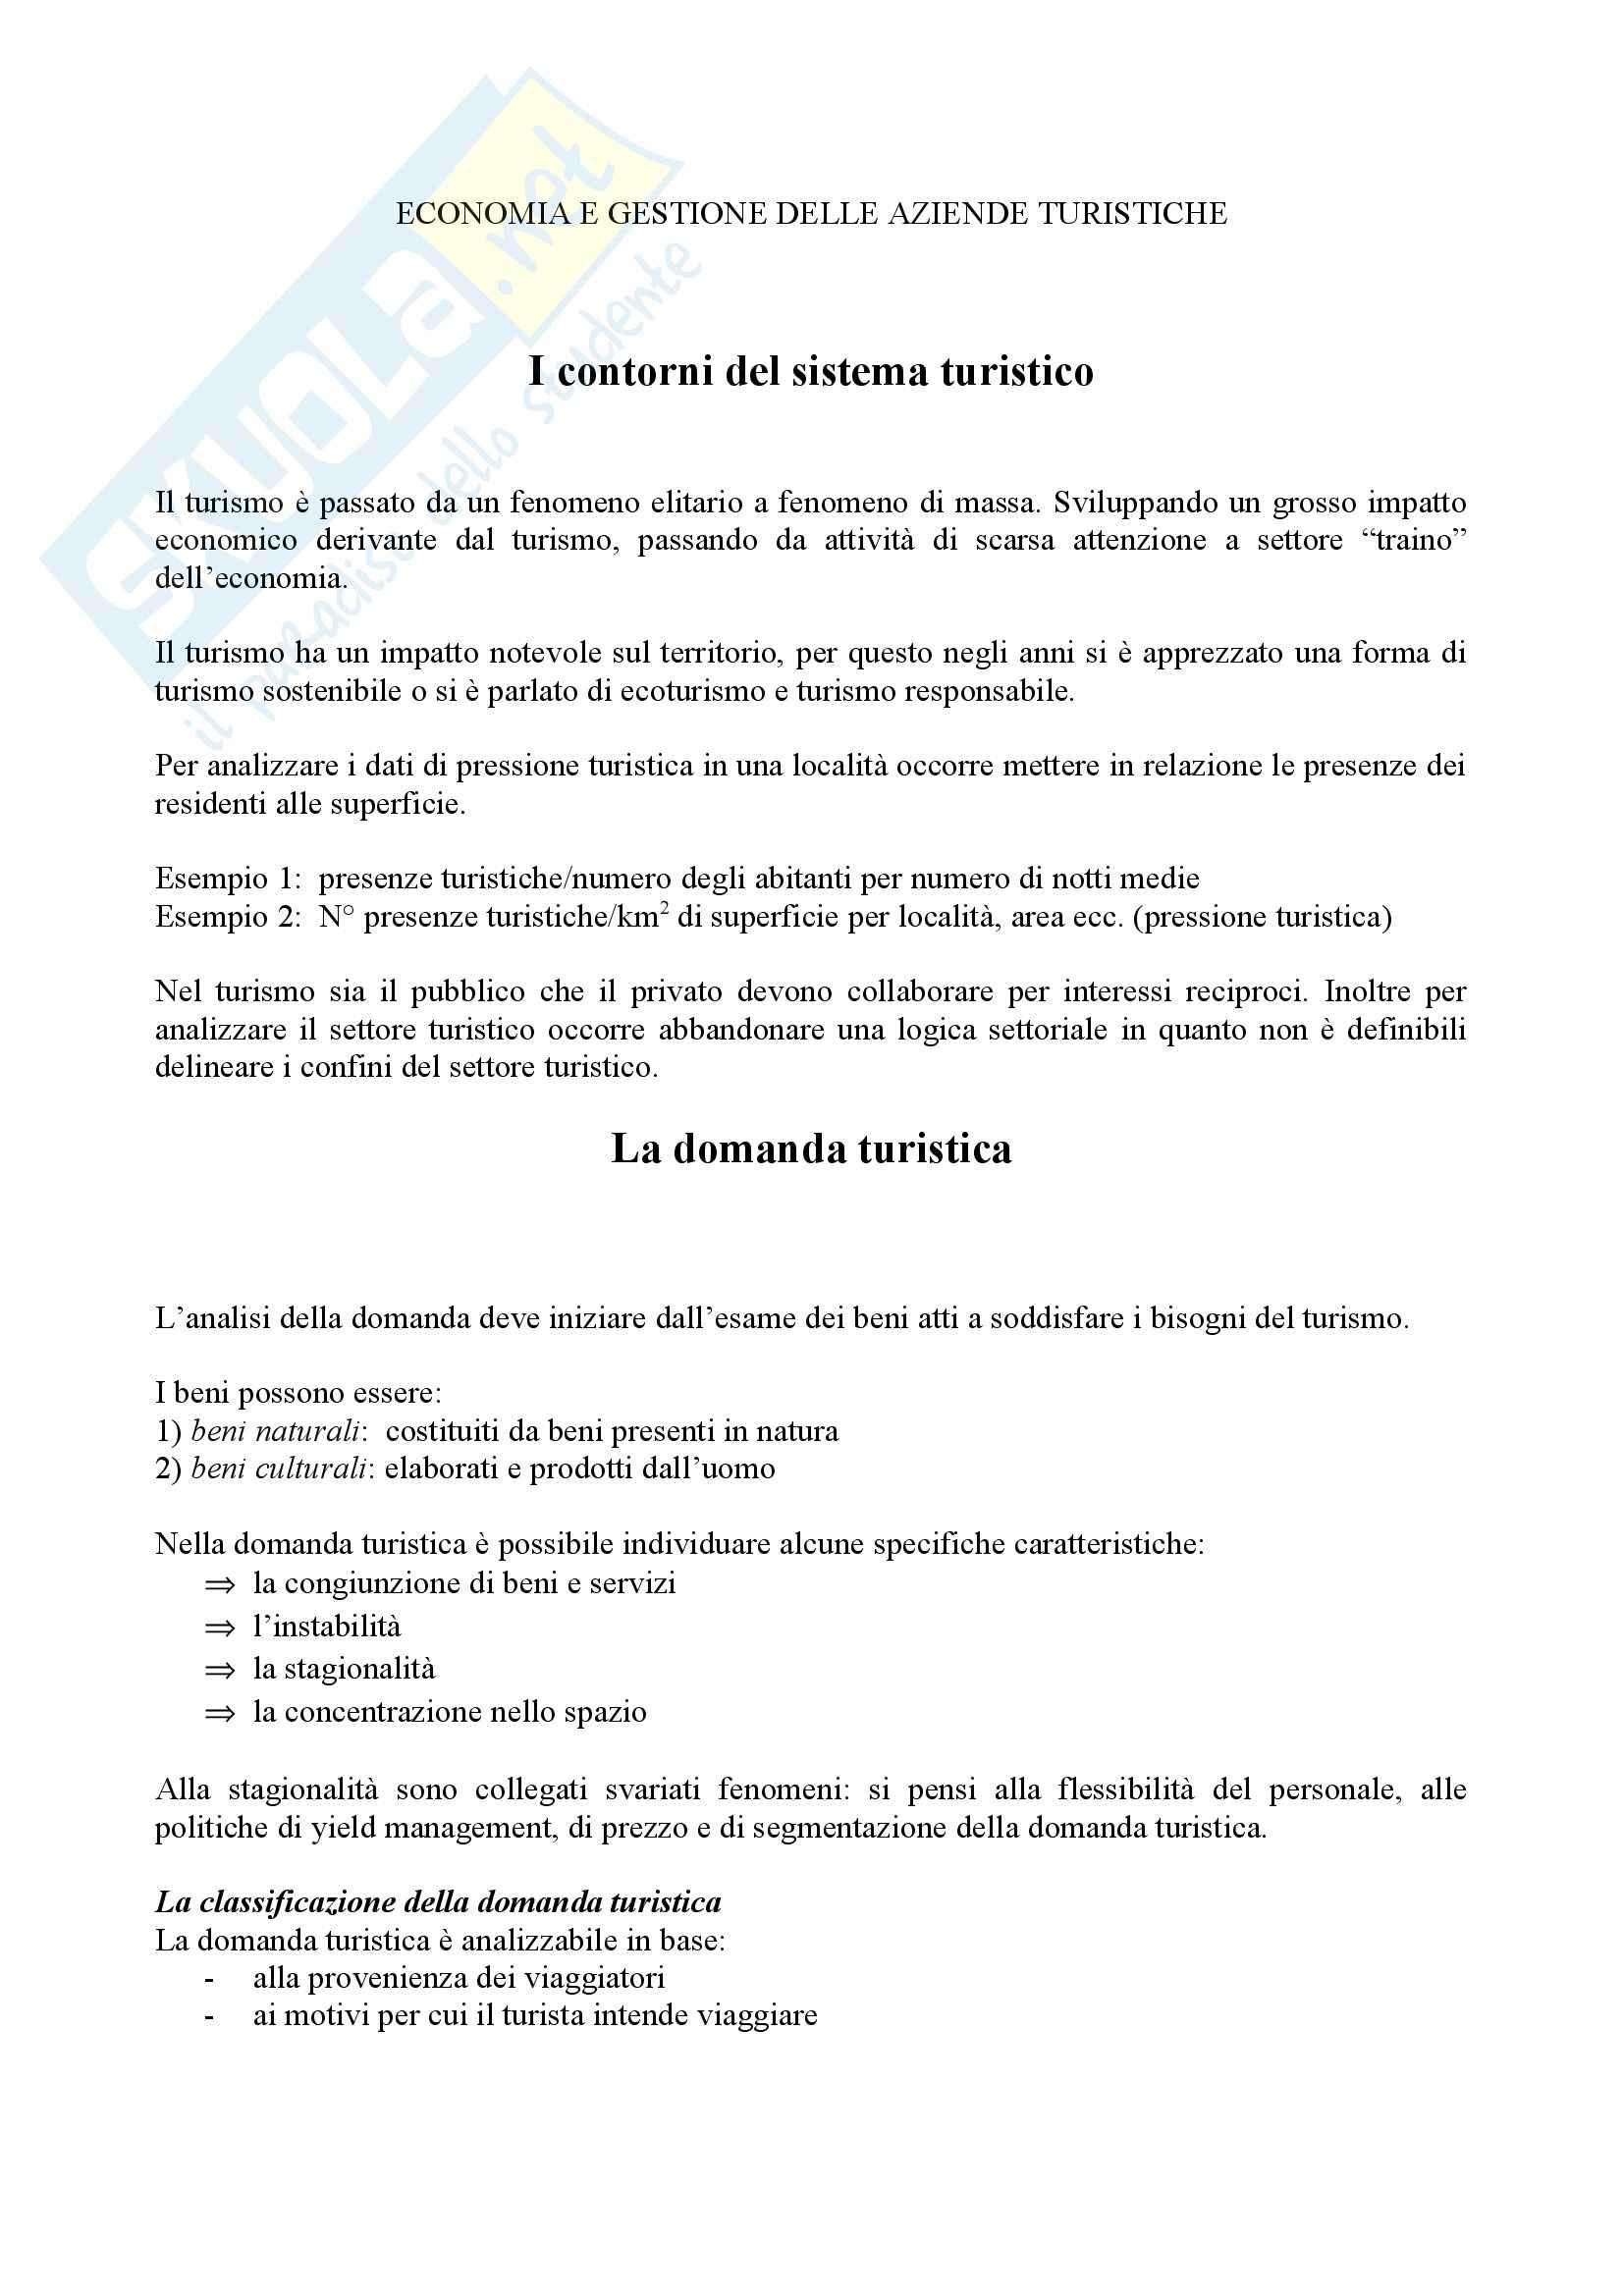 Economia e gestione delle aziende turistiche - Appunti